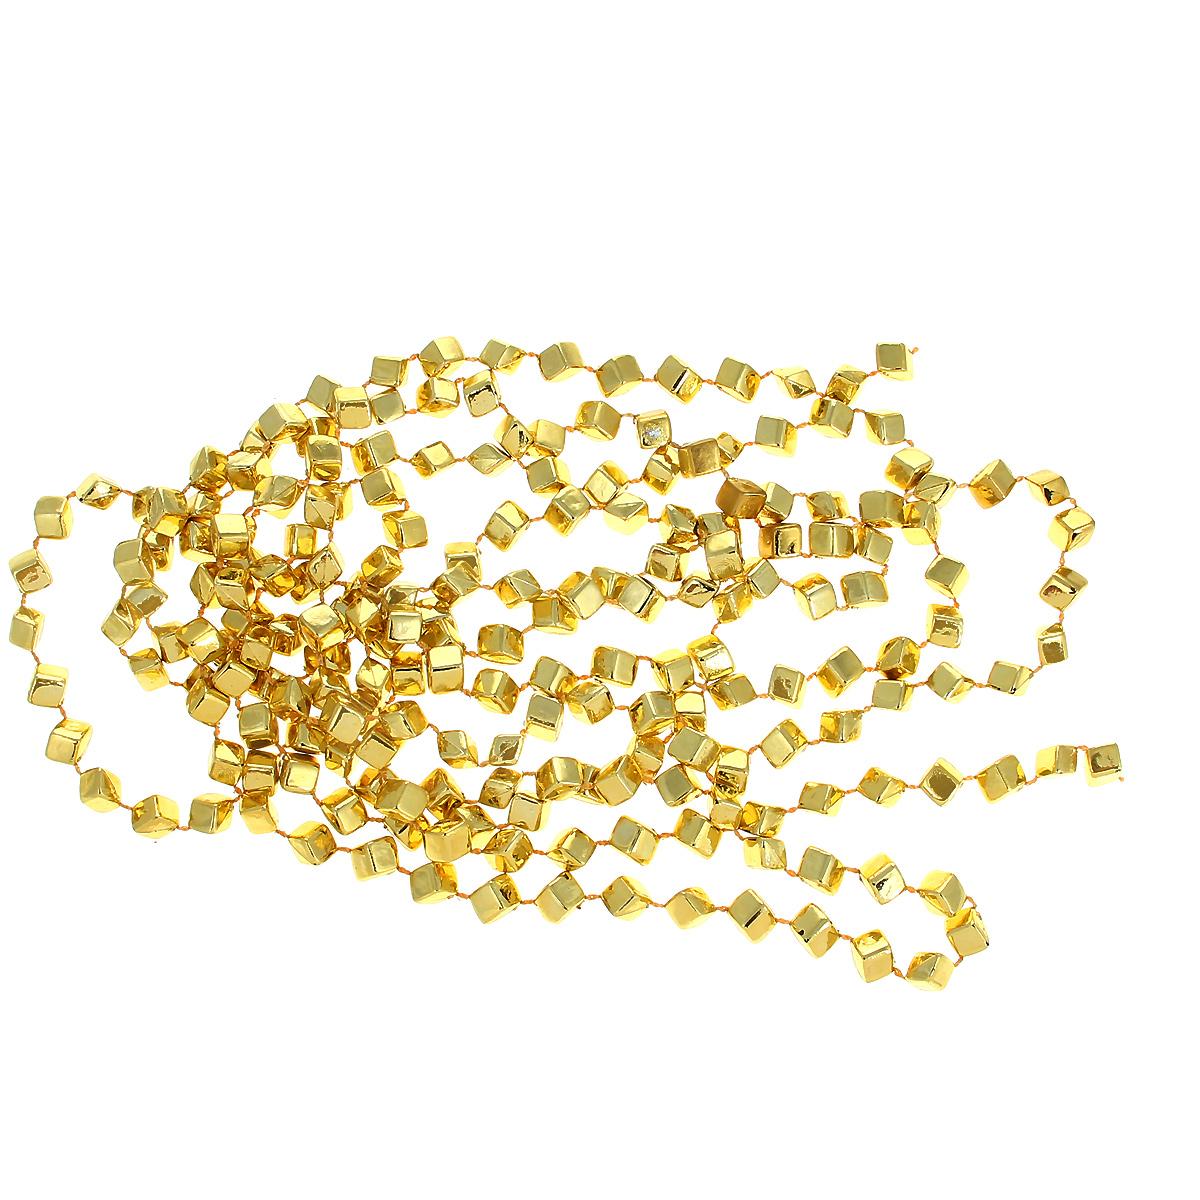 Новогодняя гирлянда Кубики, цвет: золотистый, 270 см31625Новогодняя гирлянда прекрасно подойдет для декора дома или офиса. Украшение выполнено из разноцветной металлизированной фольги. С помощью специальных петелек гирлянду можно повесить в любом понравившемся вам месте. Украшение легко складывается и раскладывается.Новогодние украшения несут в себе волшебство и красоту праздника. Они помогут вам украсить дом к предстоящим праздникам и оживить интерьер по вашему вкусу. Создайте в доме атмосферу тепла, веселья и радости, украшая его всей семьей.